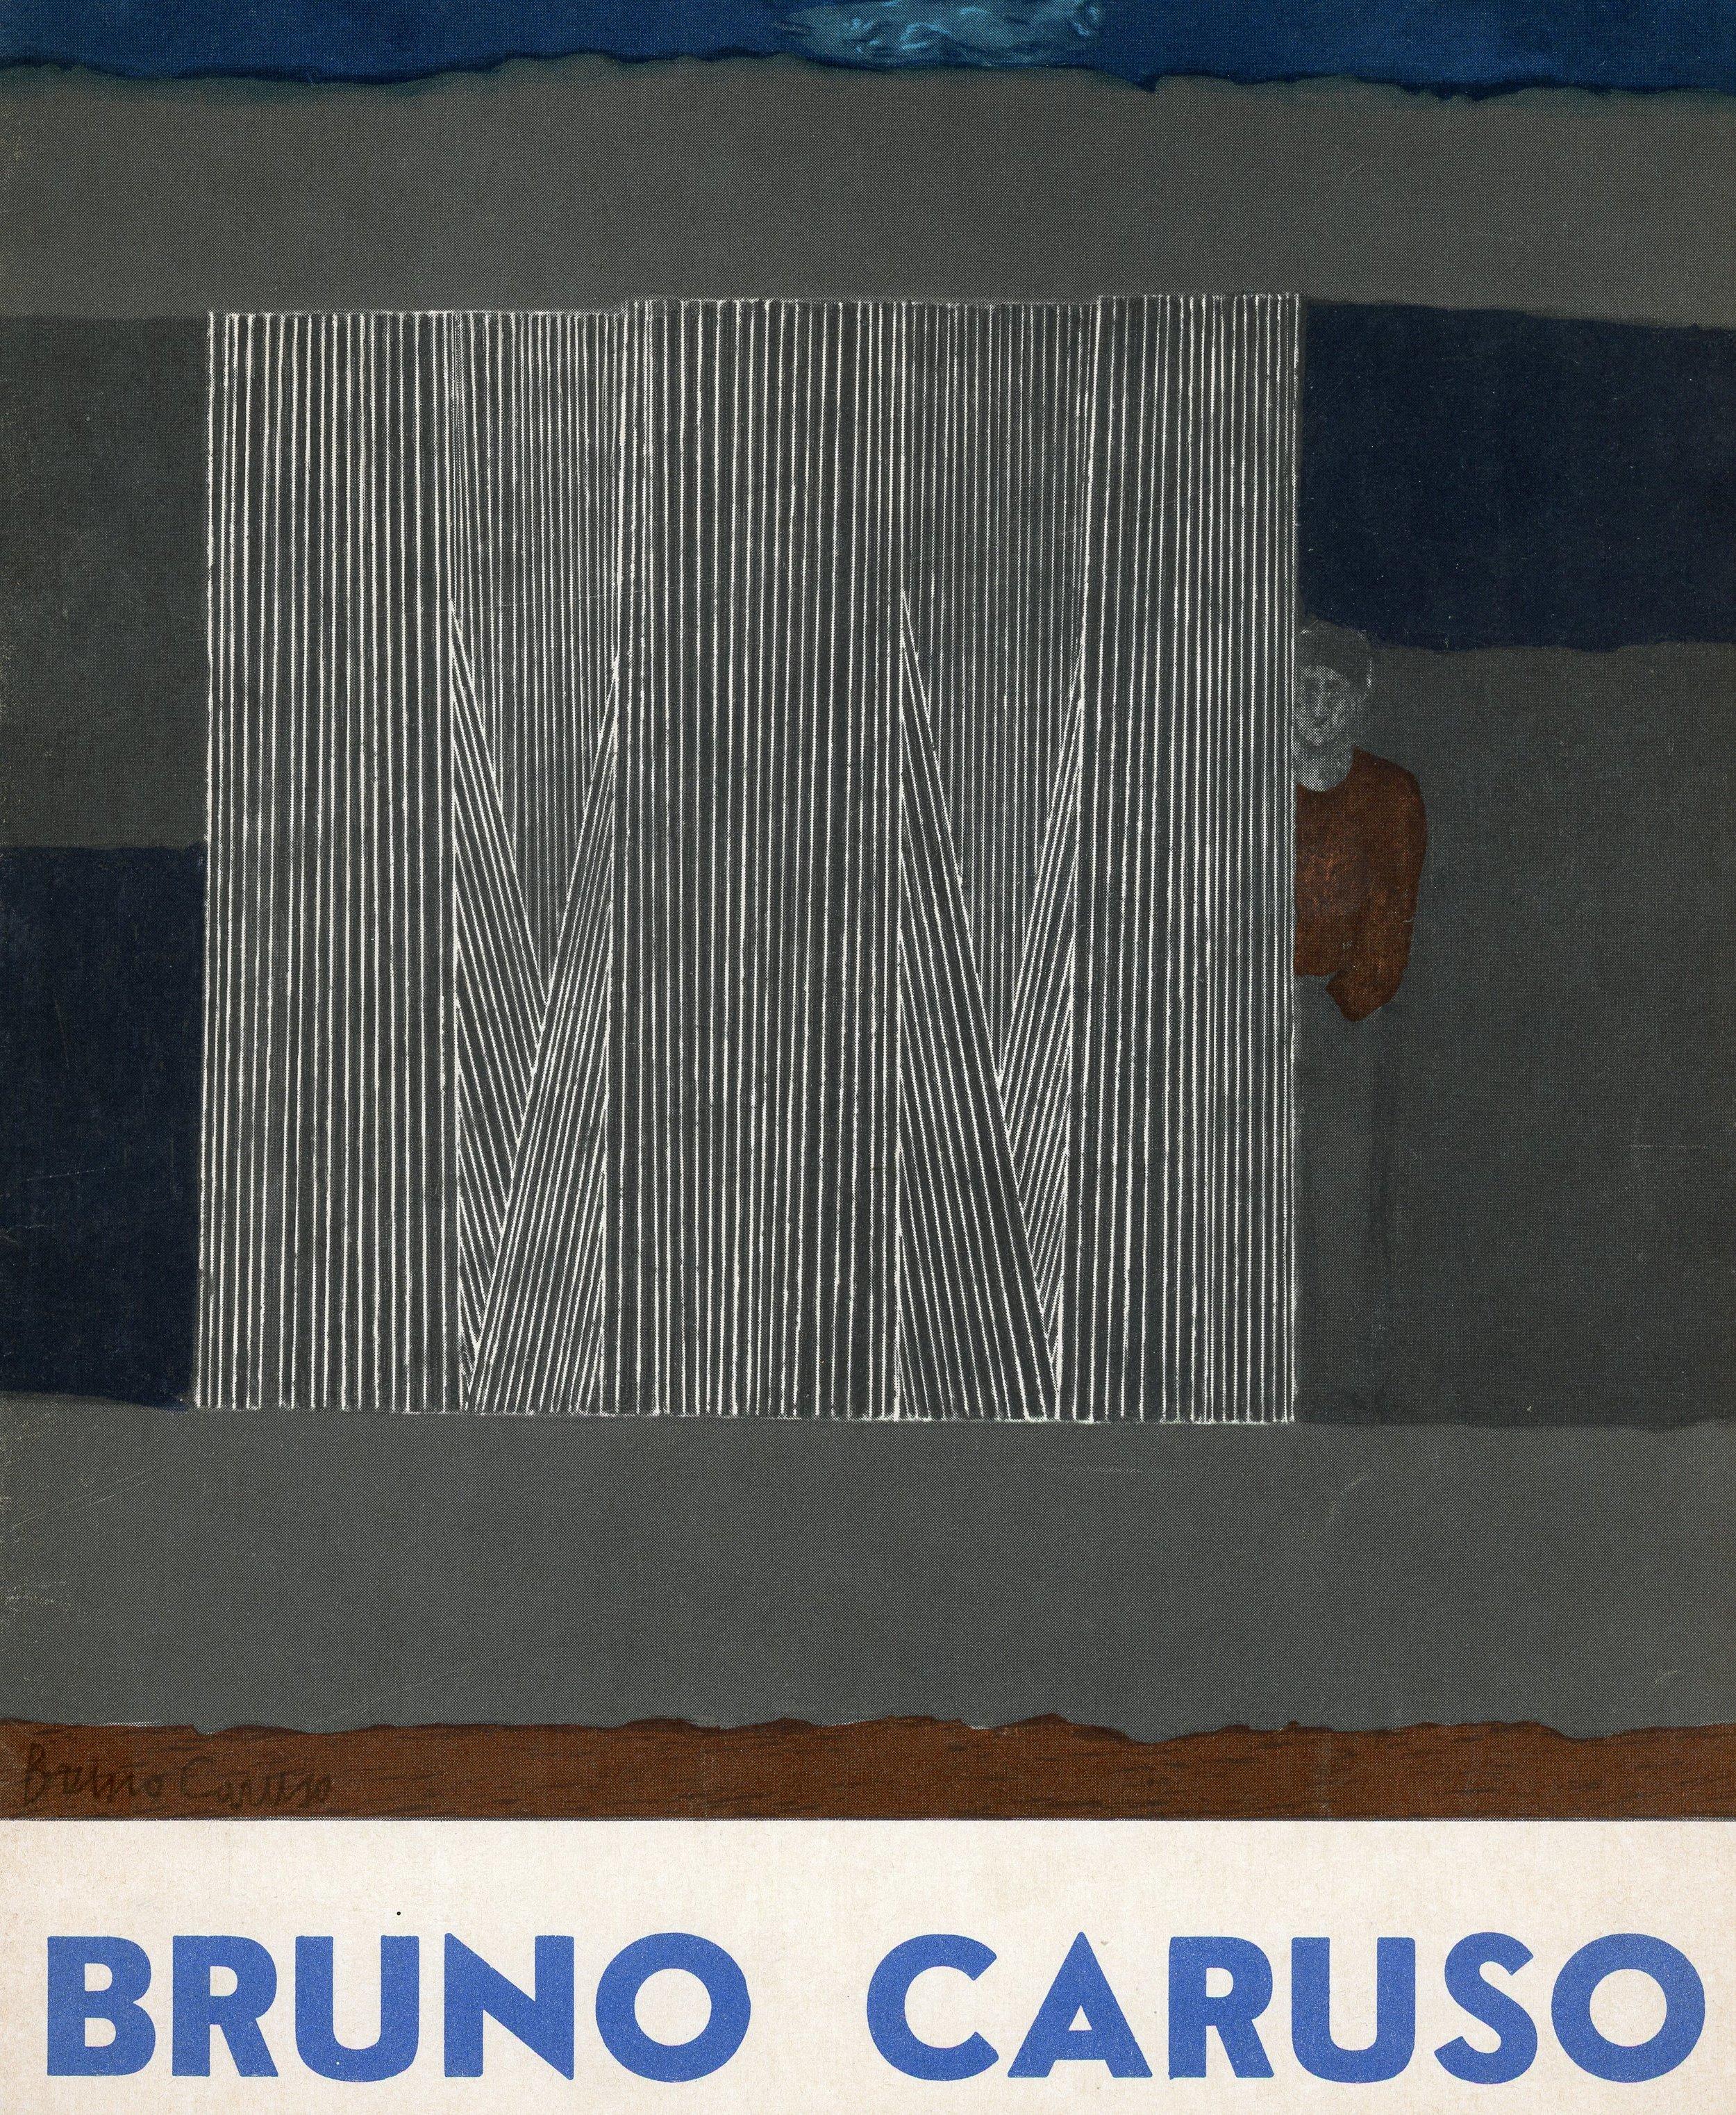 1959-06 Rive Gauche - Bruno Caruso_01.jpg